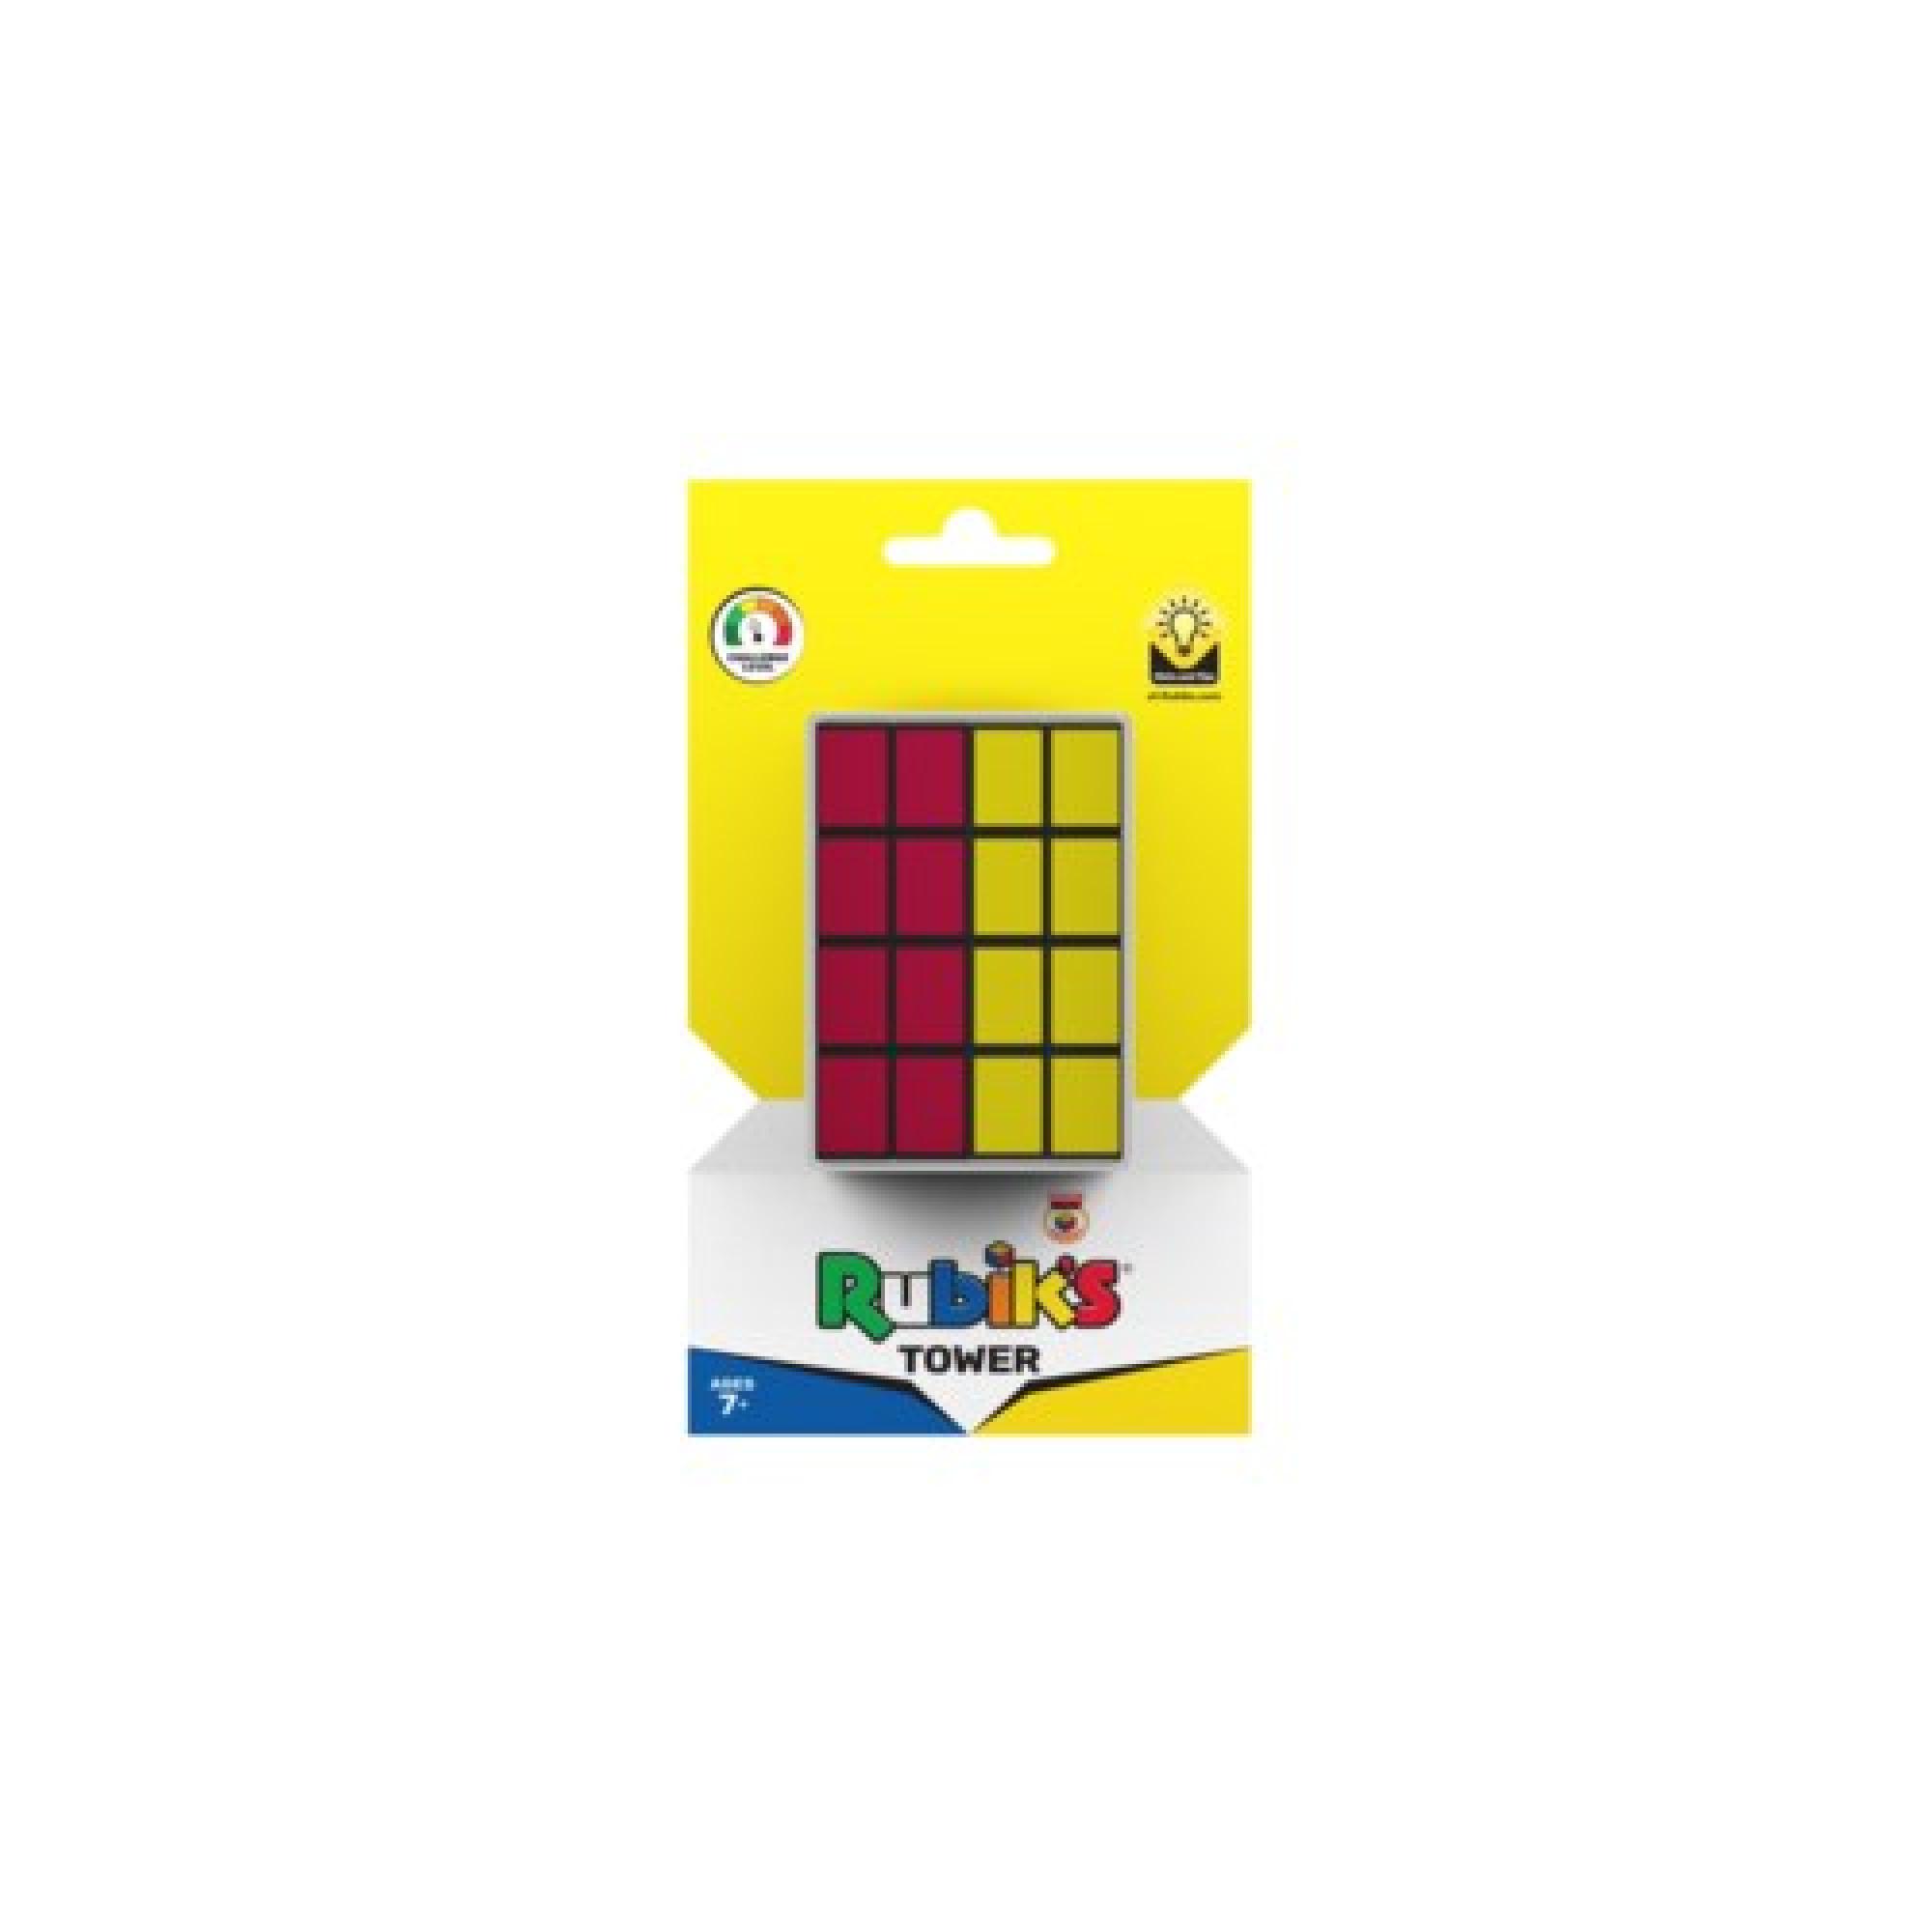 Rubik Rubik's Tower 2X2X4